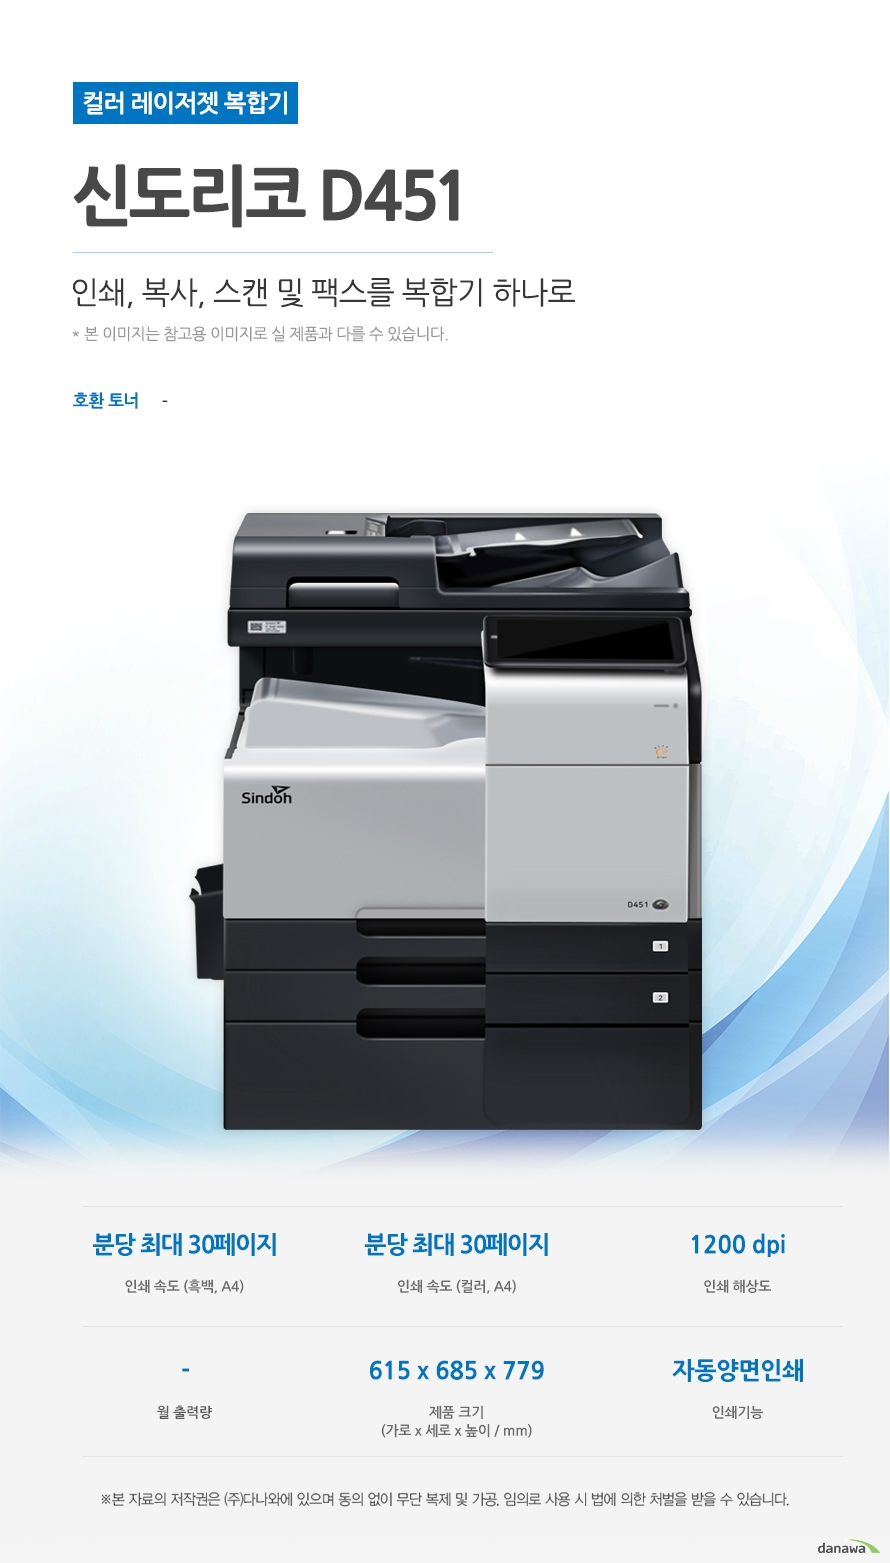 컬러 레이저젯 복합기 신도리코 D451 (팩스/테이블 포함) 인쇄, 복사, 스캔 및 팩스를 복합기 하나로 호환토너 - 인쇄속도 (흑백,A4) 분당 최대 30페이지 / 인쇄속도 (컬러,A4) 분당 최대 30페이지 / 인쇄해상도 1200 dpi / 월출력량 - / 제품 크기 (가로 x 세로 x 높이 / mm) 615 x 685 x 779 / 인쇄기능 자동양면 인쇄  최대 30ppm의 빠른 인쇄 속도 다양한 문서에 대한 빠른 인쇄로 가정, 학교, 사무실 등 어느 환경에서나 답답함 없이 문서를 출력하실 수 있습니다.  *ppm: pages per minute (1분에 출력하는 페이지 수) 흑백 출력 속도 30ppm / 컬러 출력속도 30ppm  효울적인 용지 급지 용지함을 한 번 채워 넣으면 용지를 자주 채워줄 필요 없이 오랫 동안 사용할 수 있어, 업무 중 불필요한 시간 낭비를 줄여줍니다. *최대 용지함 개수와 최대 급지용량은 기본 장착이 아닙니다. 제품 구매 전 옵션 사항을 확인하세요. 기본 용지함 2단 용지함 /  기본 급지 용량 1,150매   어느 공간에나 어울리는 컴팩트한 사이즈 컴팩트한 사이즈로 다양한 환경에서 부담없이 설치하고 효율적으로 배치시킬 수 있습니다 .(가로 x 세로 x 높이 / mm) 615 x 685 x 779  용지 소모를 줄일 수 있는 자동 양면 인쇄 일일이 종이를 뒤집지 않고도 종이 양면에 인쇄를 할 수 있습니다. 용지소모를 반으로 줄일 수 있어 경제적이며, 종이 낭비도 없앨 수 있는 효과까지 있습니다.   사무환경에 맞는 인쇄, 복사, 스캔 및 팩스기능 인쇄, 복사, 스캔 및 팩스 기능을 결합하여 불필요한 시간 절약은 물론, 더욱 효율적인 처리가 가능합니다. *팩스의 경우 기본장착이 아닙니다. 제품 구매 전 옵션 사항을 확인 하세요.